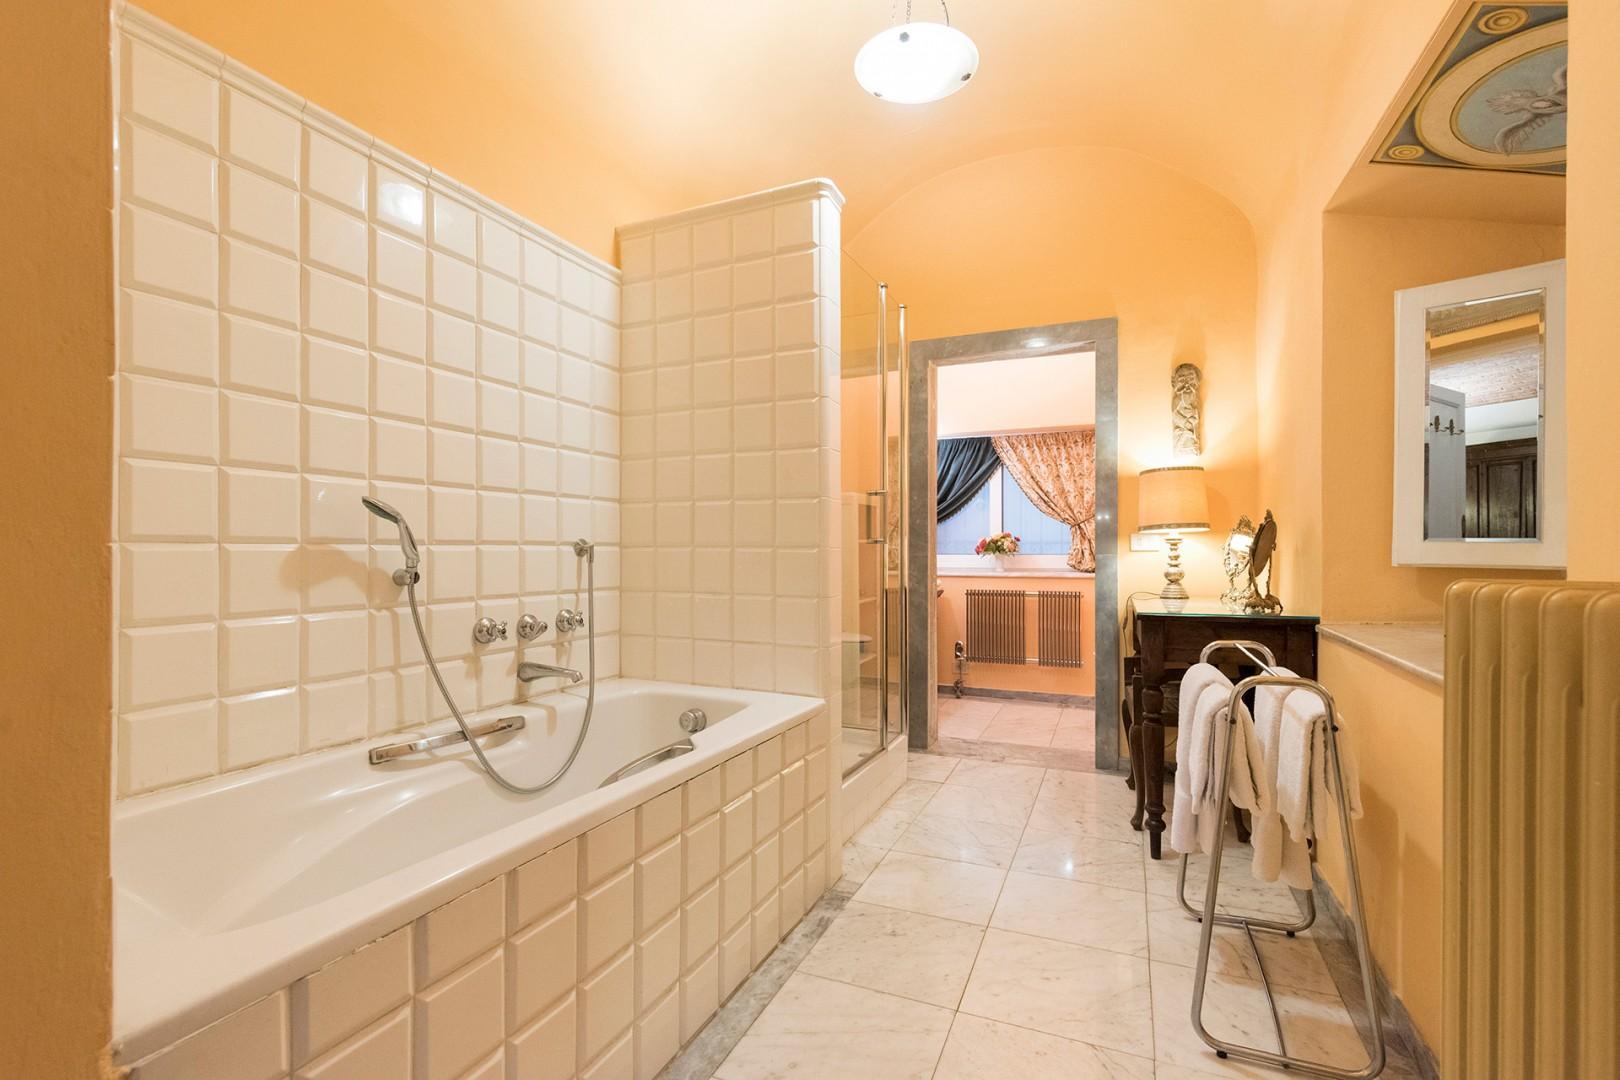 Bathroom 1 with bathtub, shower, toilet, sink.